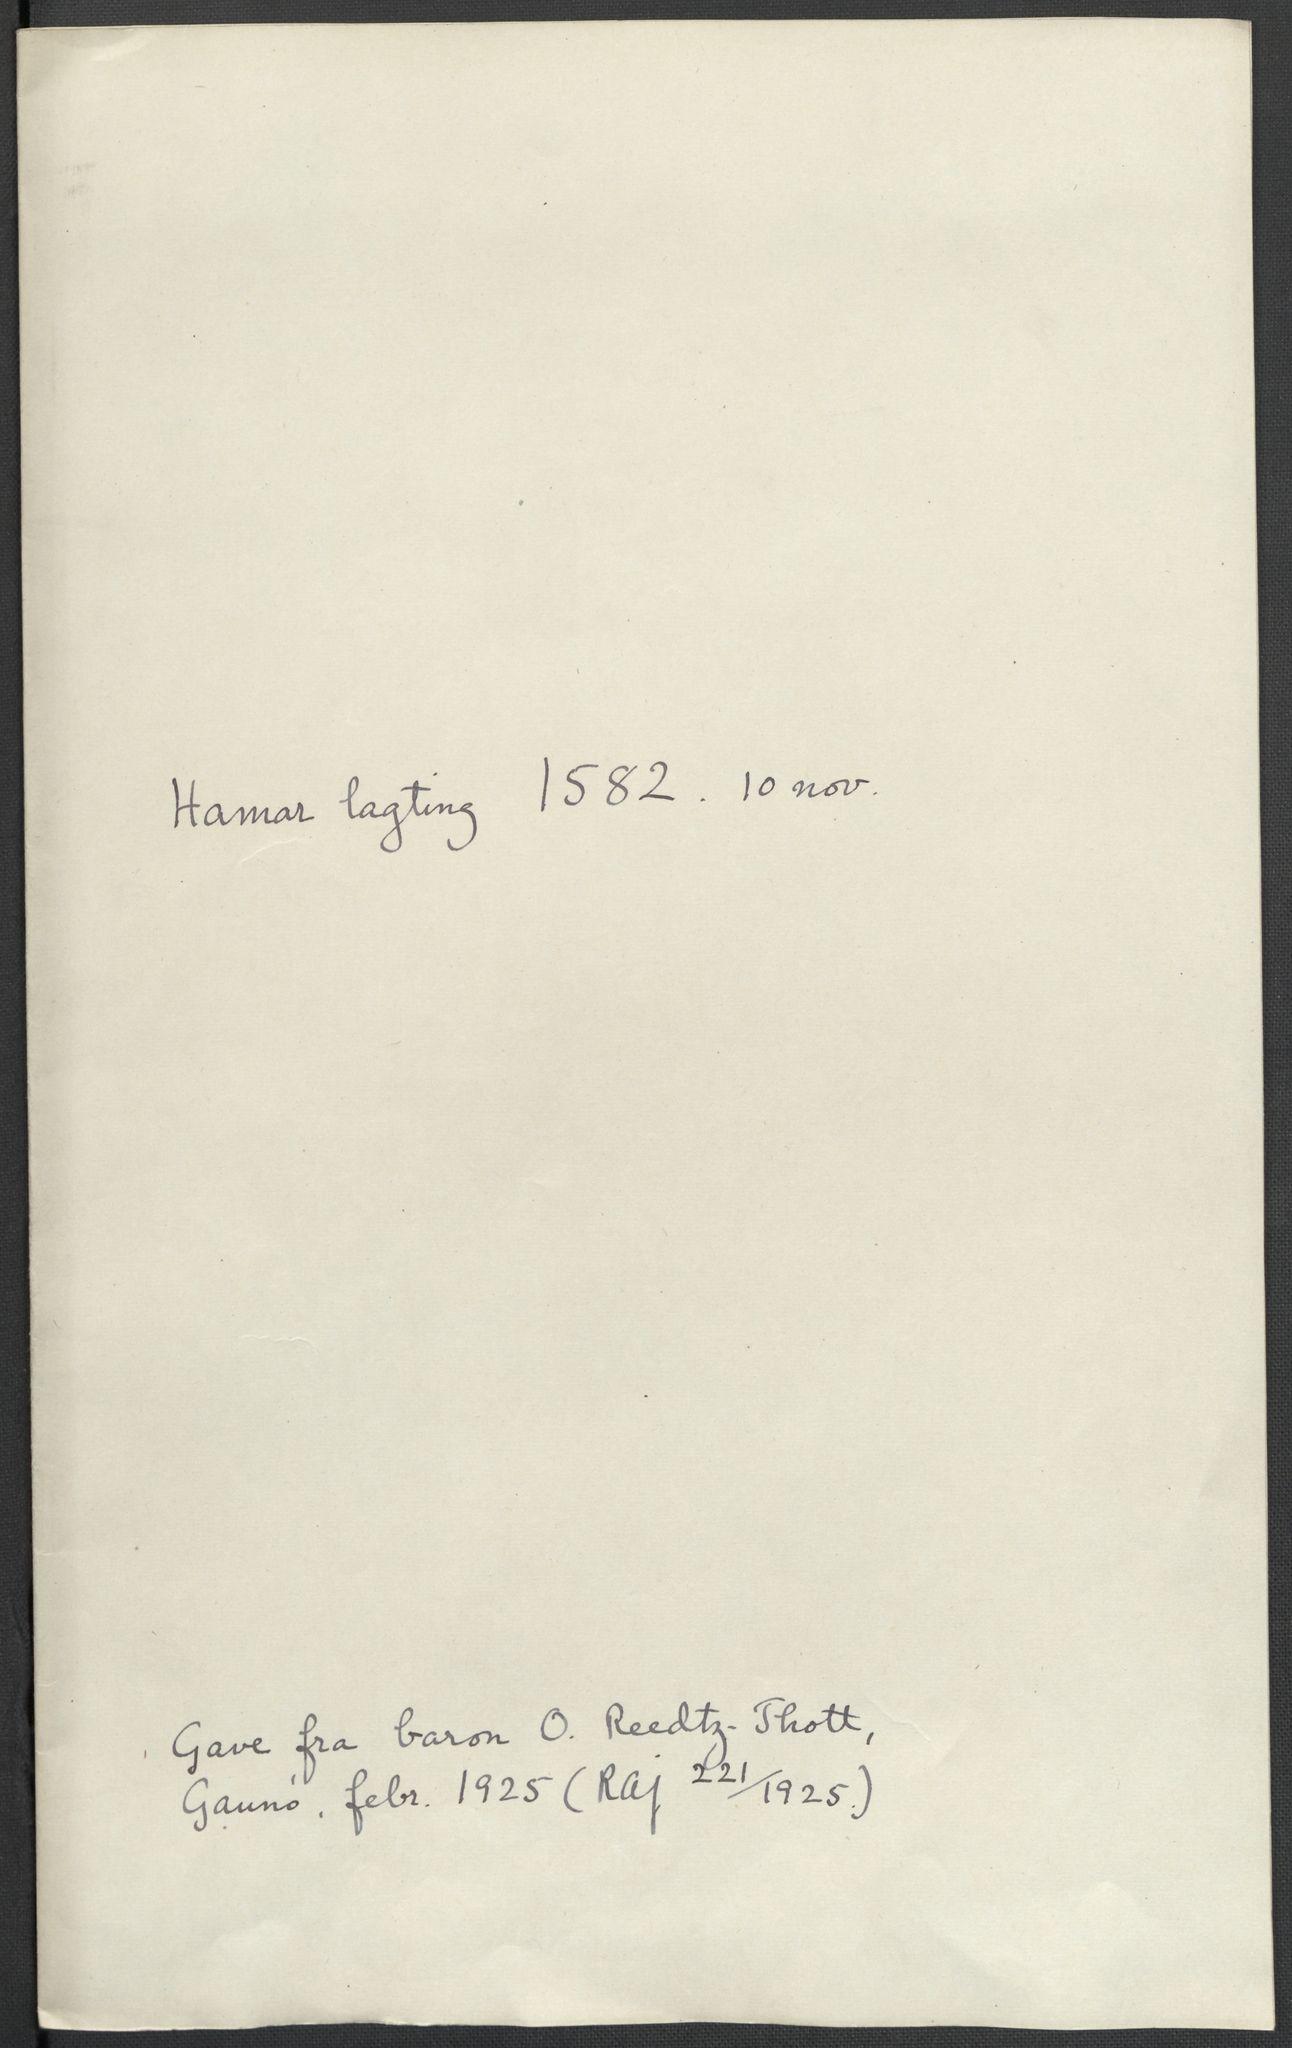 RA, Riksarkivets diplomsamling, F02/L0084: Dokumenter, 1582, s. 46